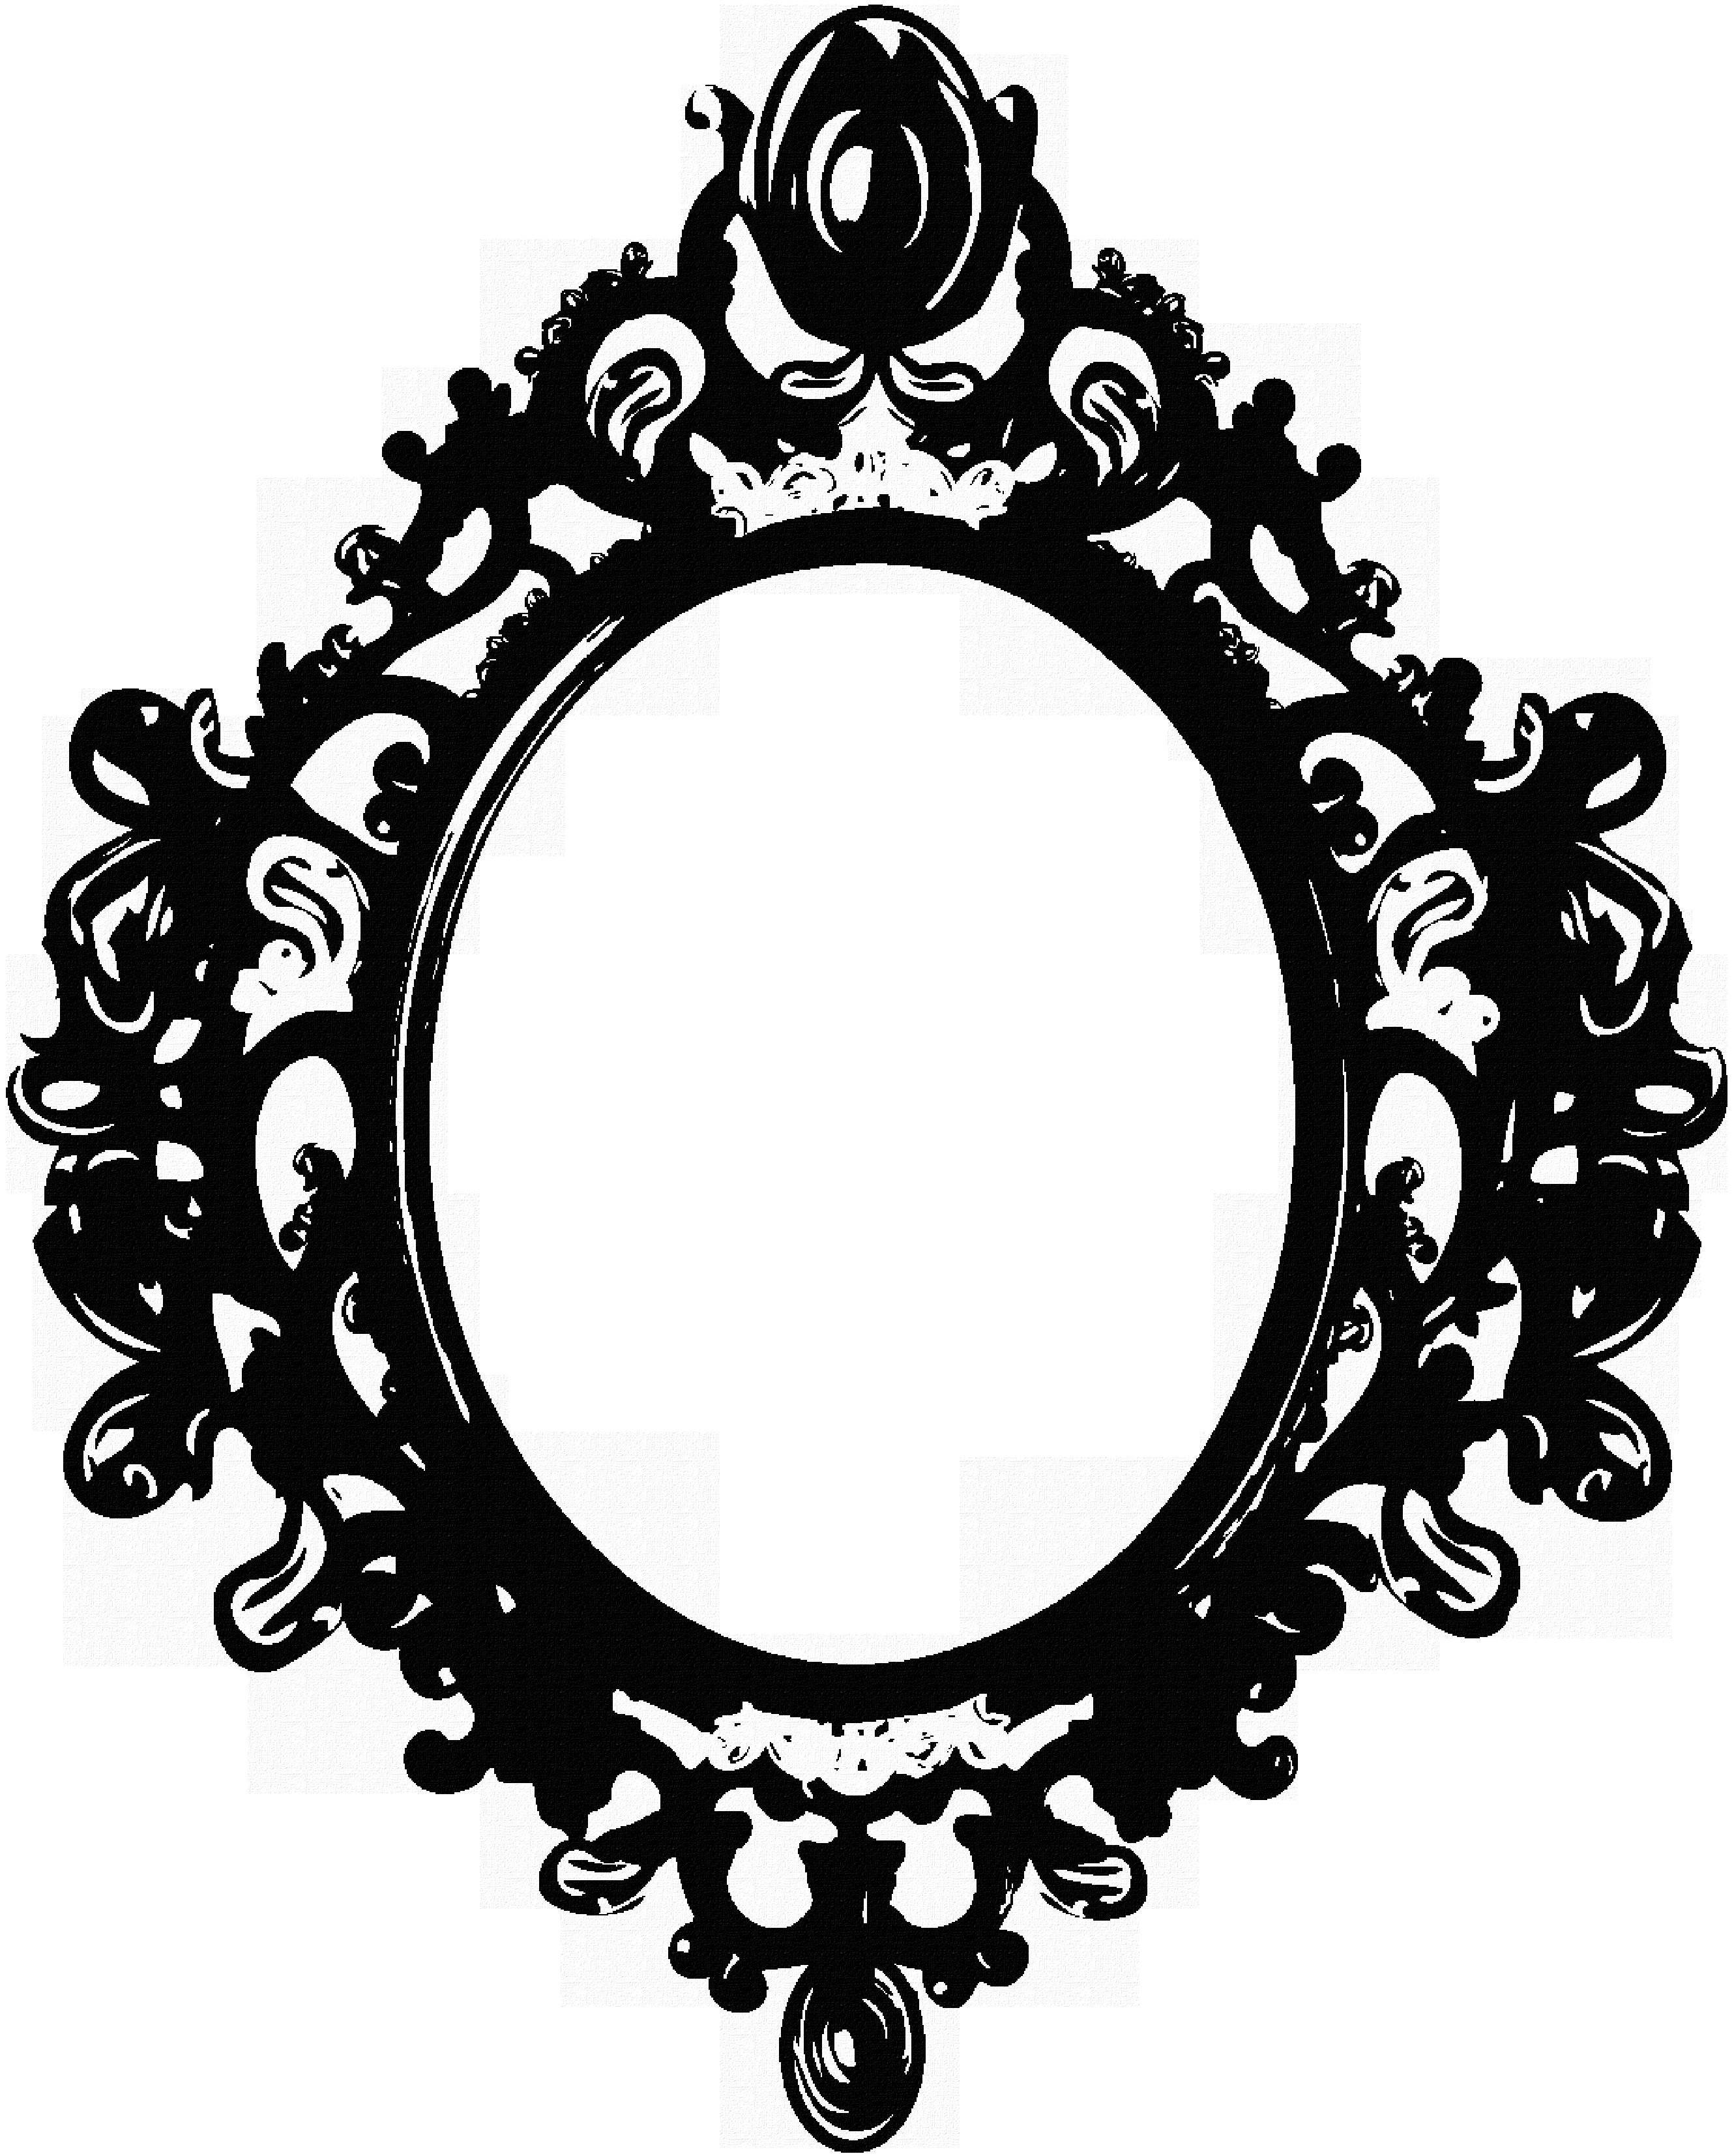 Black mirror frame by BerryKissed on deviantART Black